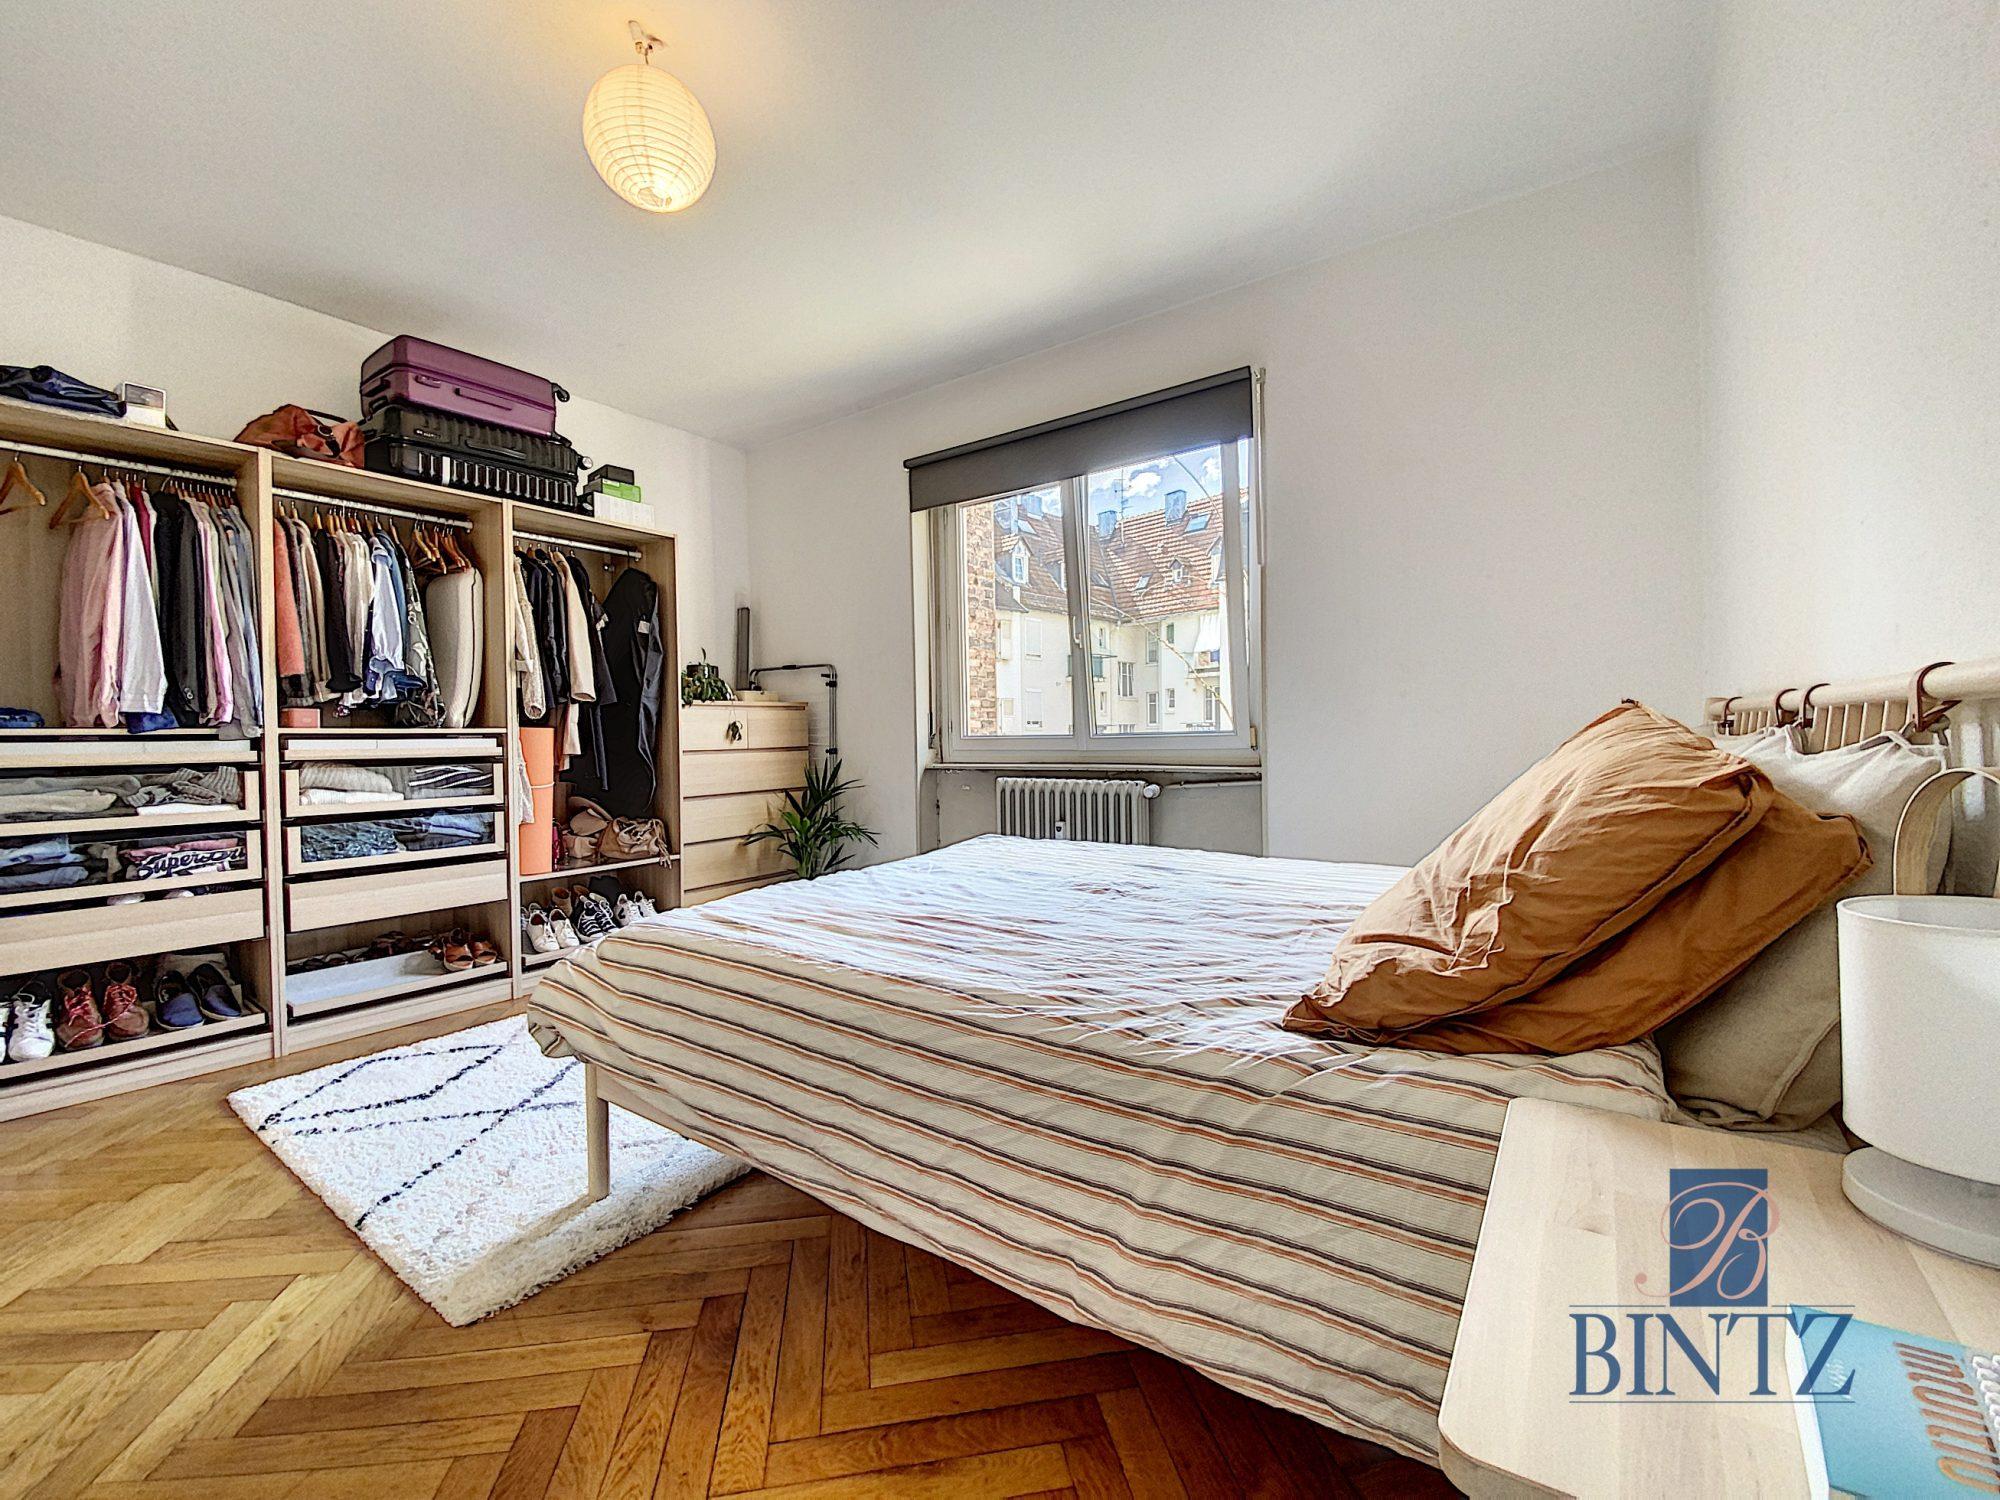 2 PIECES AVEC BALCON KRUTENAU - Devenez locataire en toute sérénité - Bintz Immobilier - 3